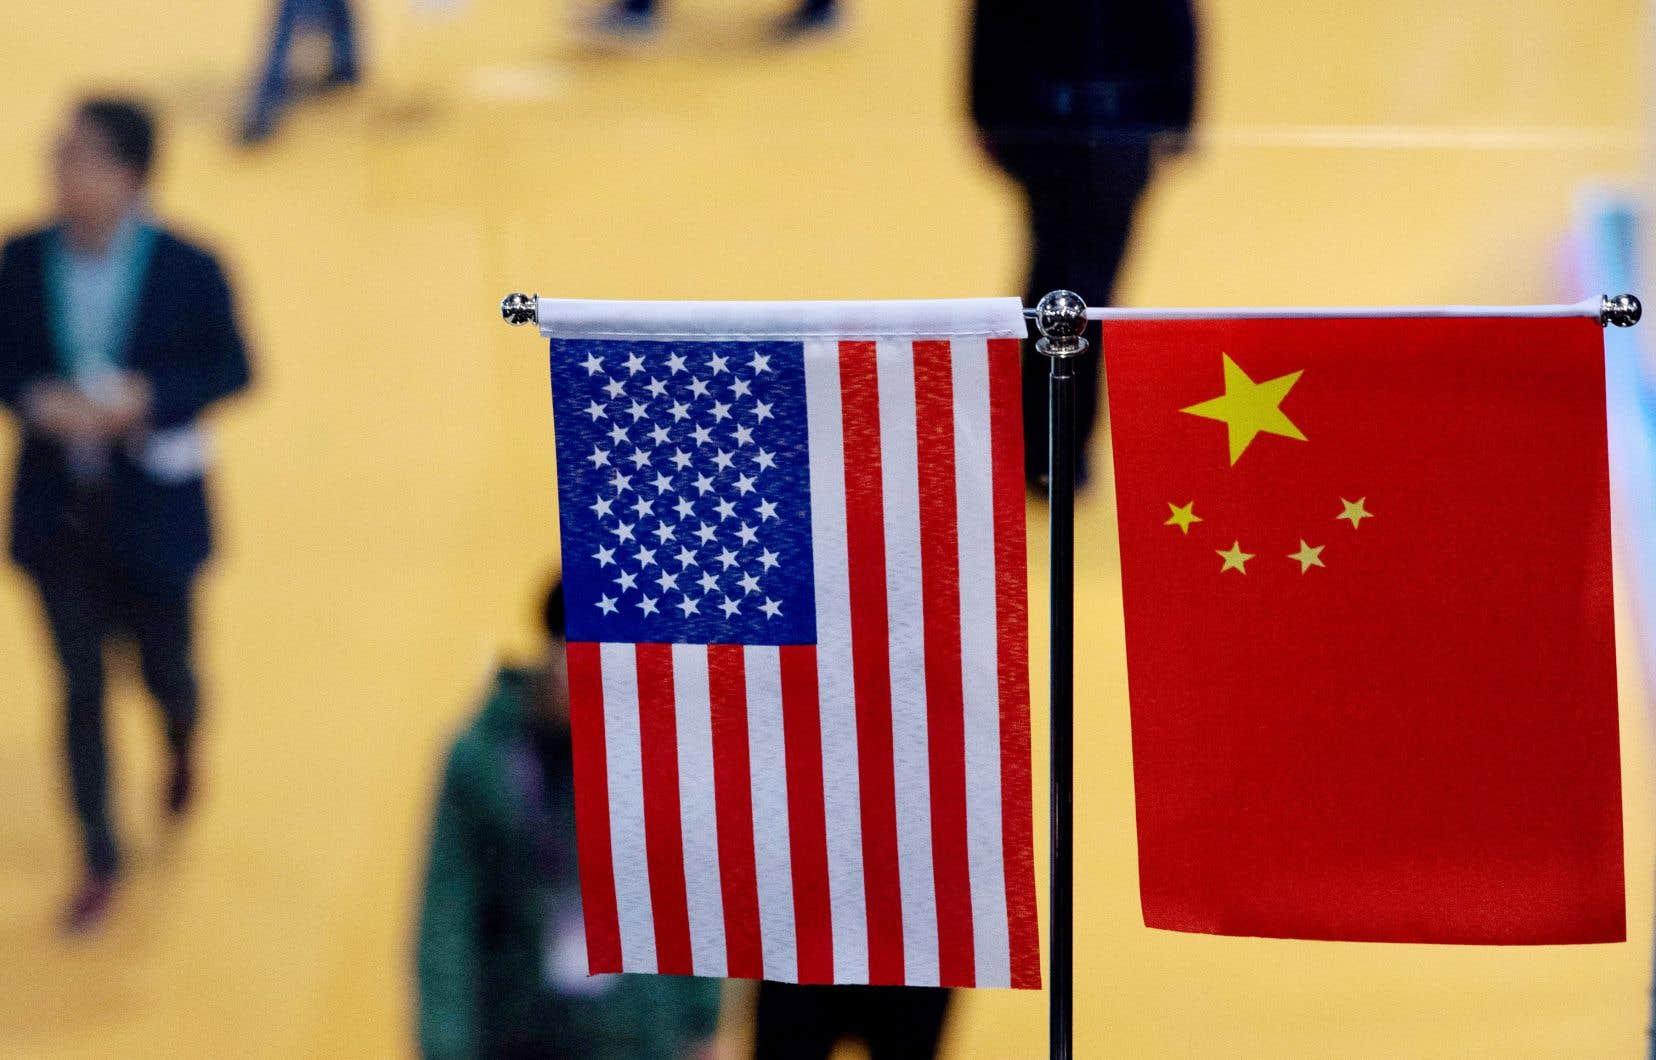 Depuis un an, Donald Trump a déclenché un combat à coups de tarifs douaniers punitifs contre les pratiques commerciales de la Chine qu'il juge «déloyales».